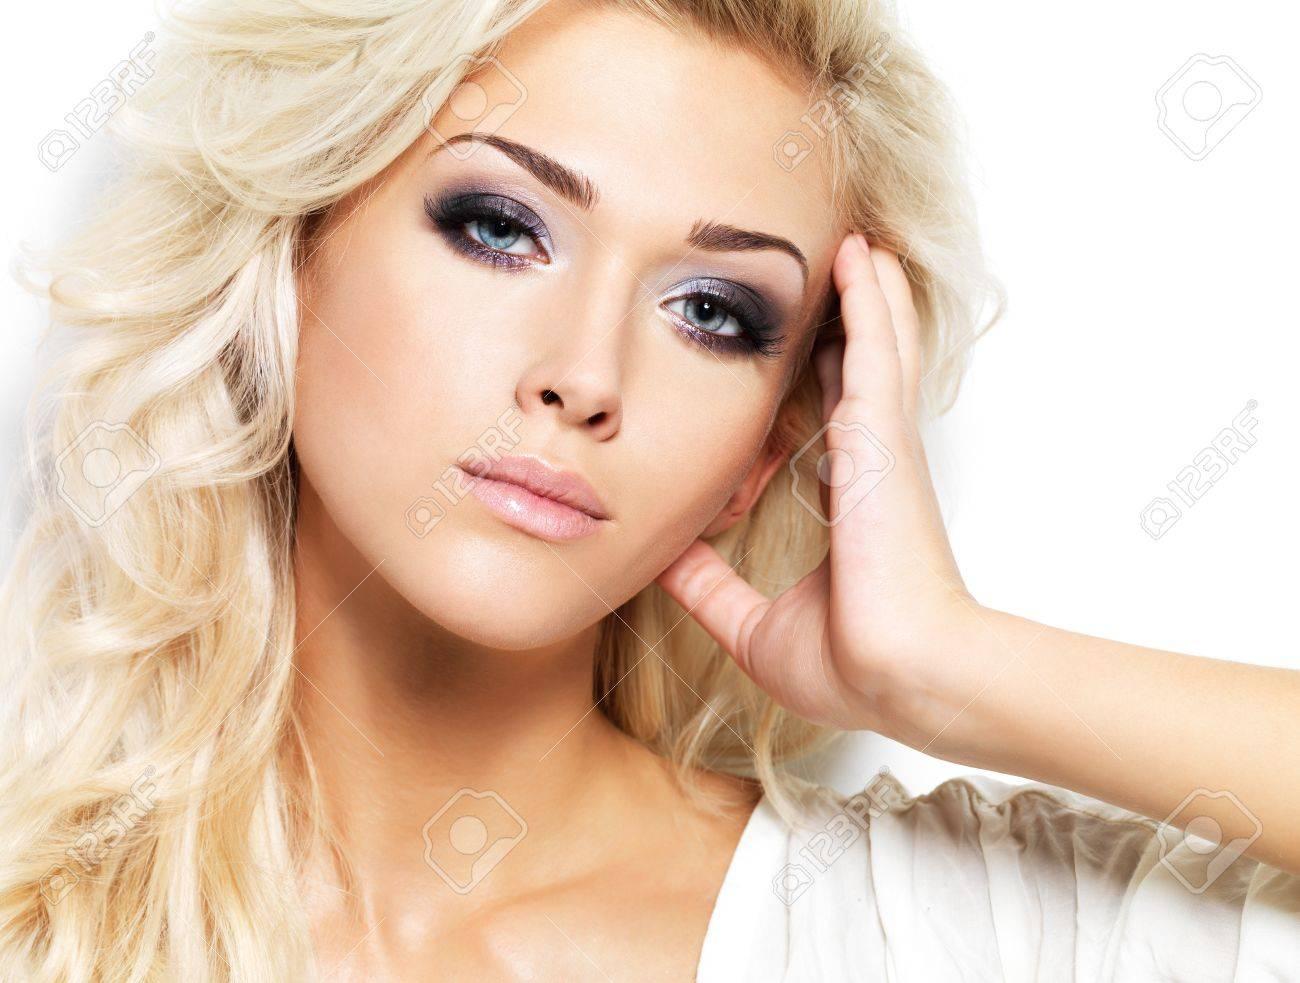 Banque d images - Belle femme blonde aux longs cheveux bouclés et le  maquillage style. Fille posant sur fond blanc e5d94c07853d